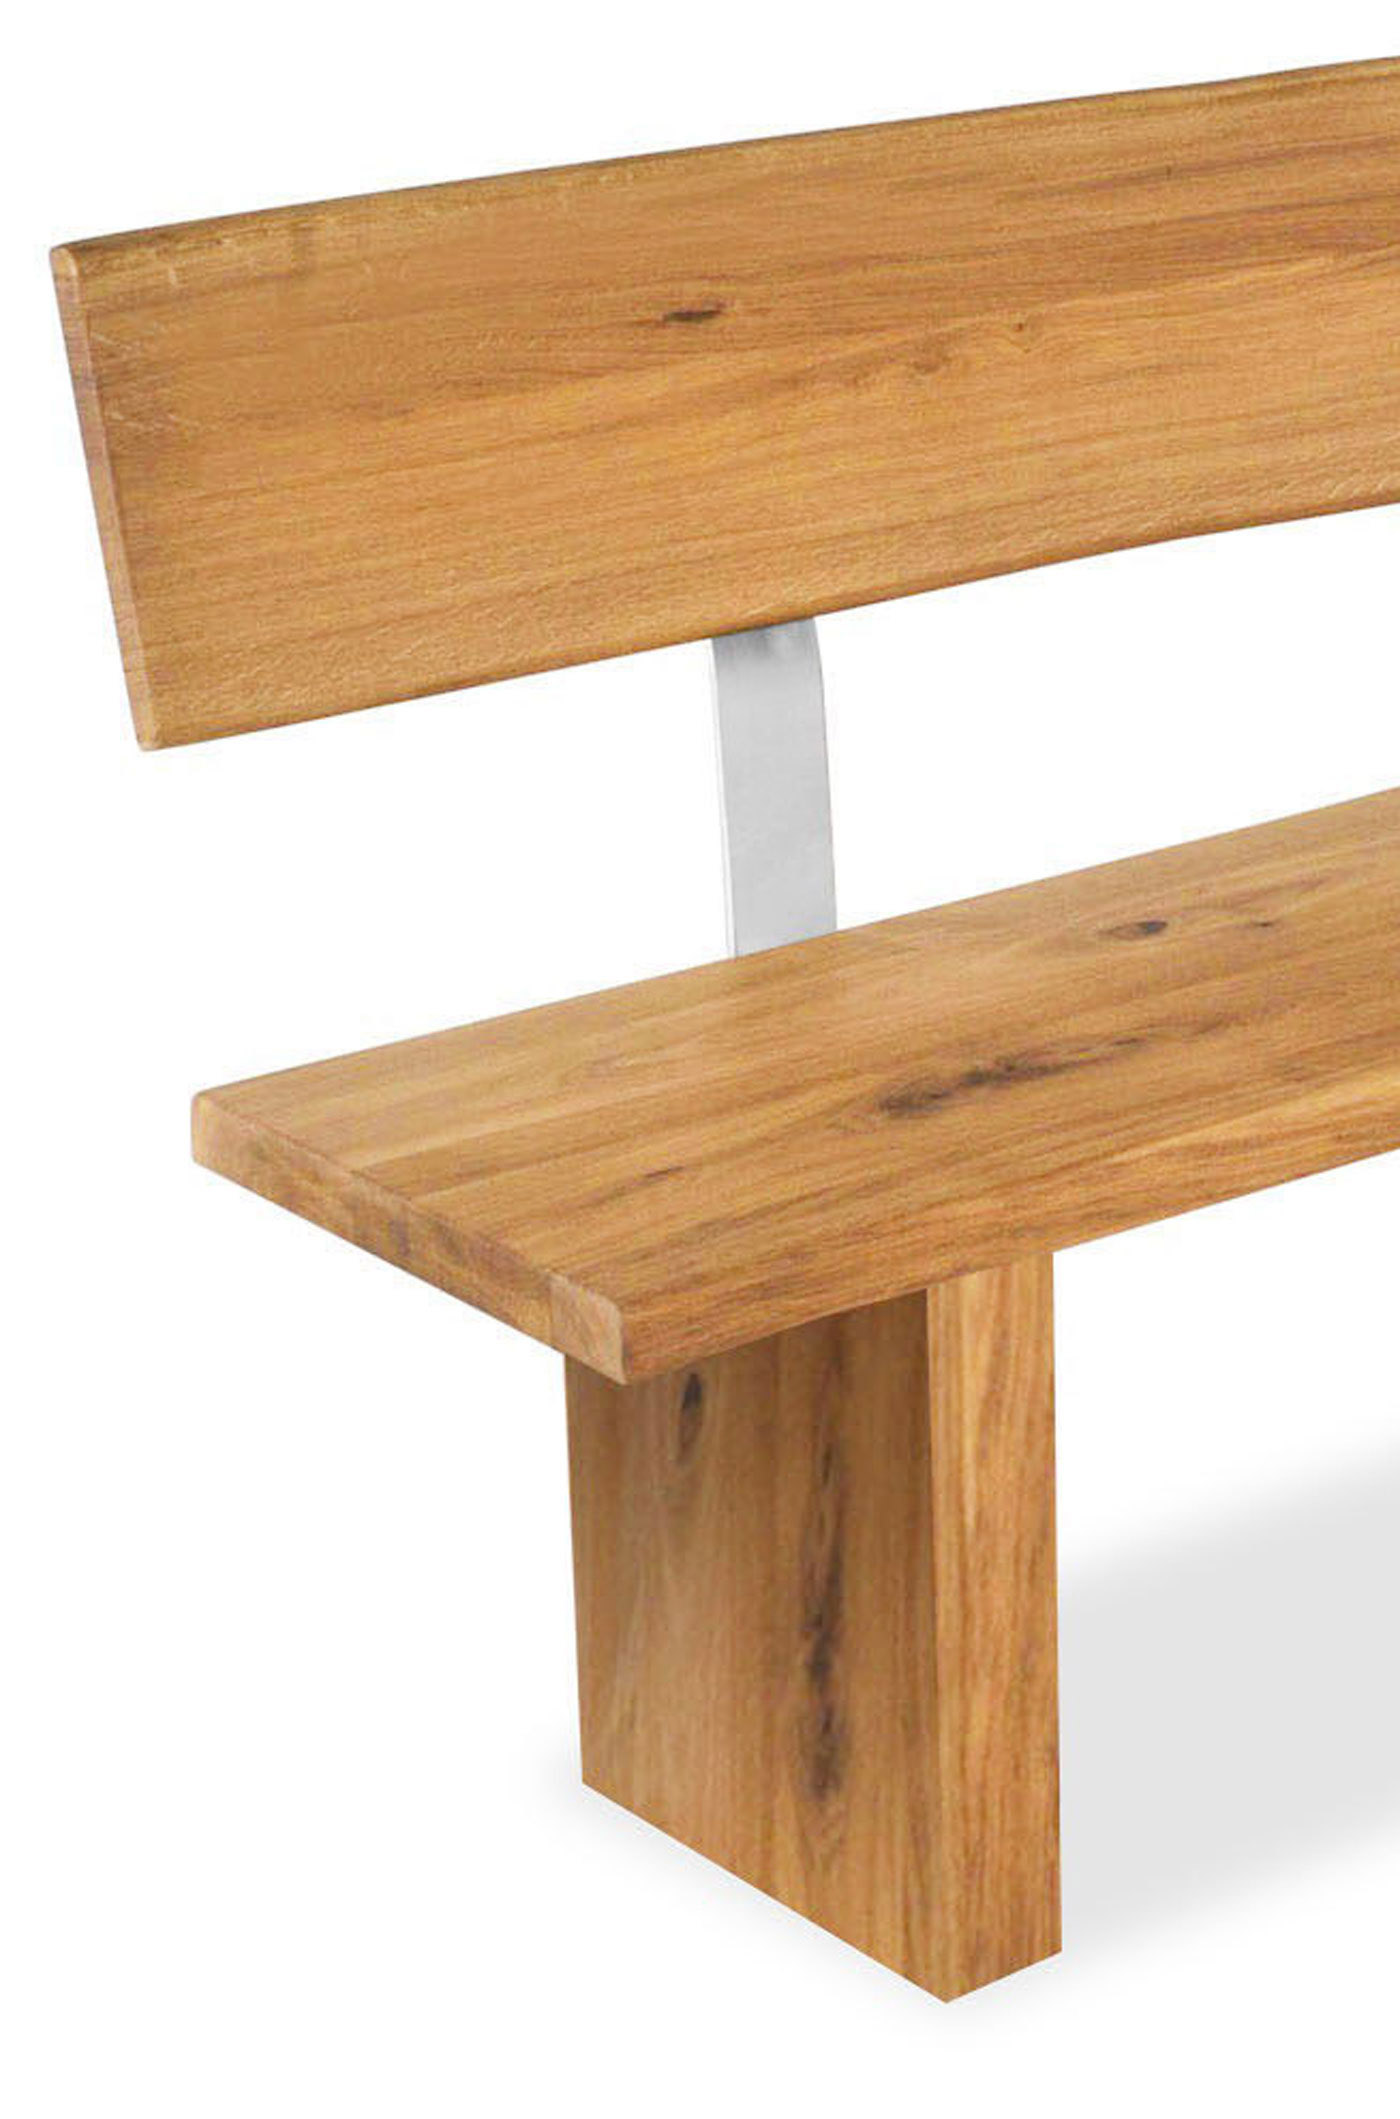 sam baum bank mit r ckenlehne wildeiche 220 x 40 cm zinst. Black Bedroom Furniture Sets. Home Design Ideas